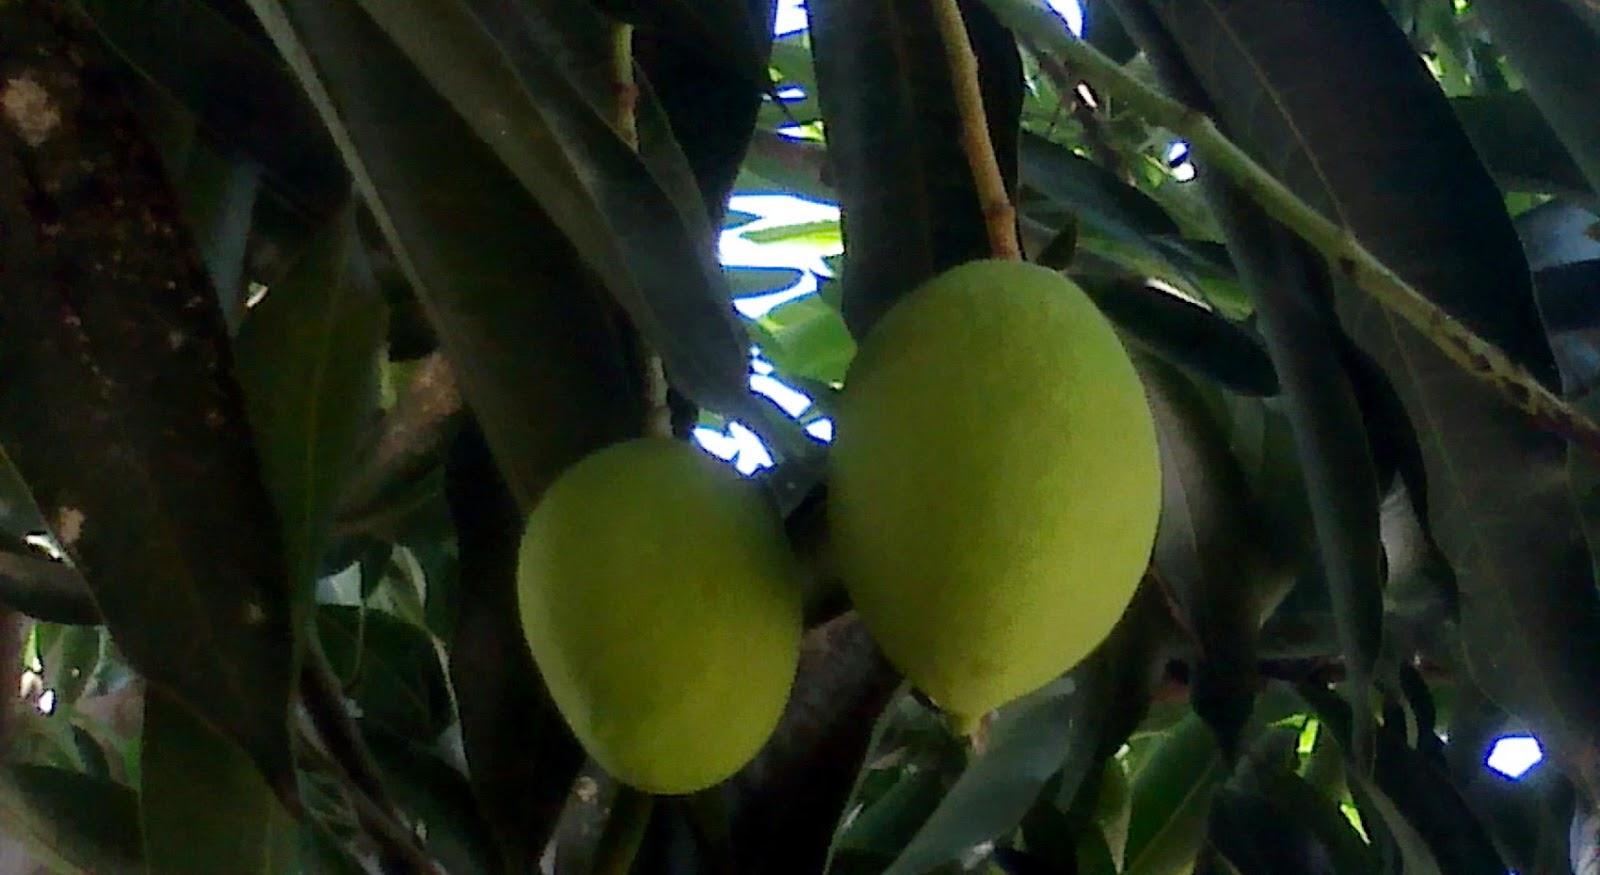 16 Manfaat Buah Mangga bagi kesehatan (Mangifera indica)